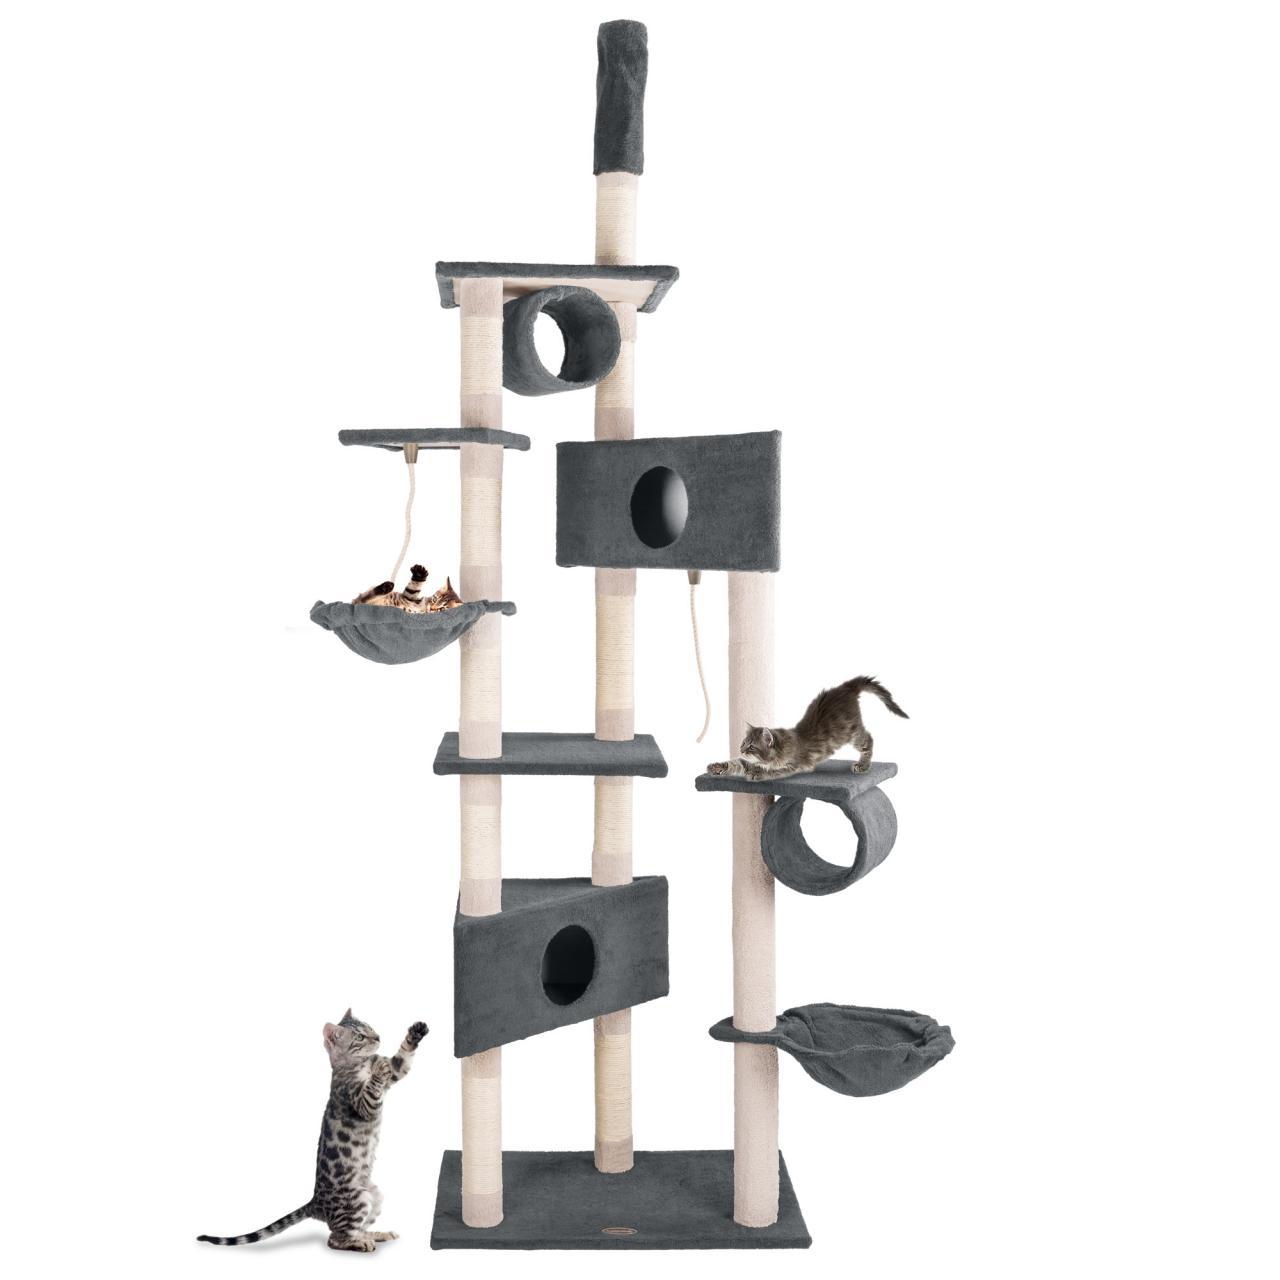 kratzbaum katzenkratzbaum kletterbaum f r katzen katzenbaum sisal deckenhoch ebay. Black Bedroom Furniture Sets. Home Design Ideas